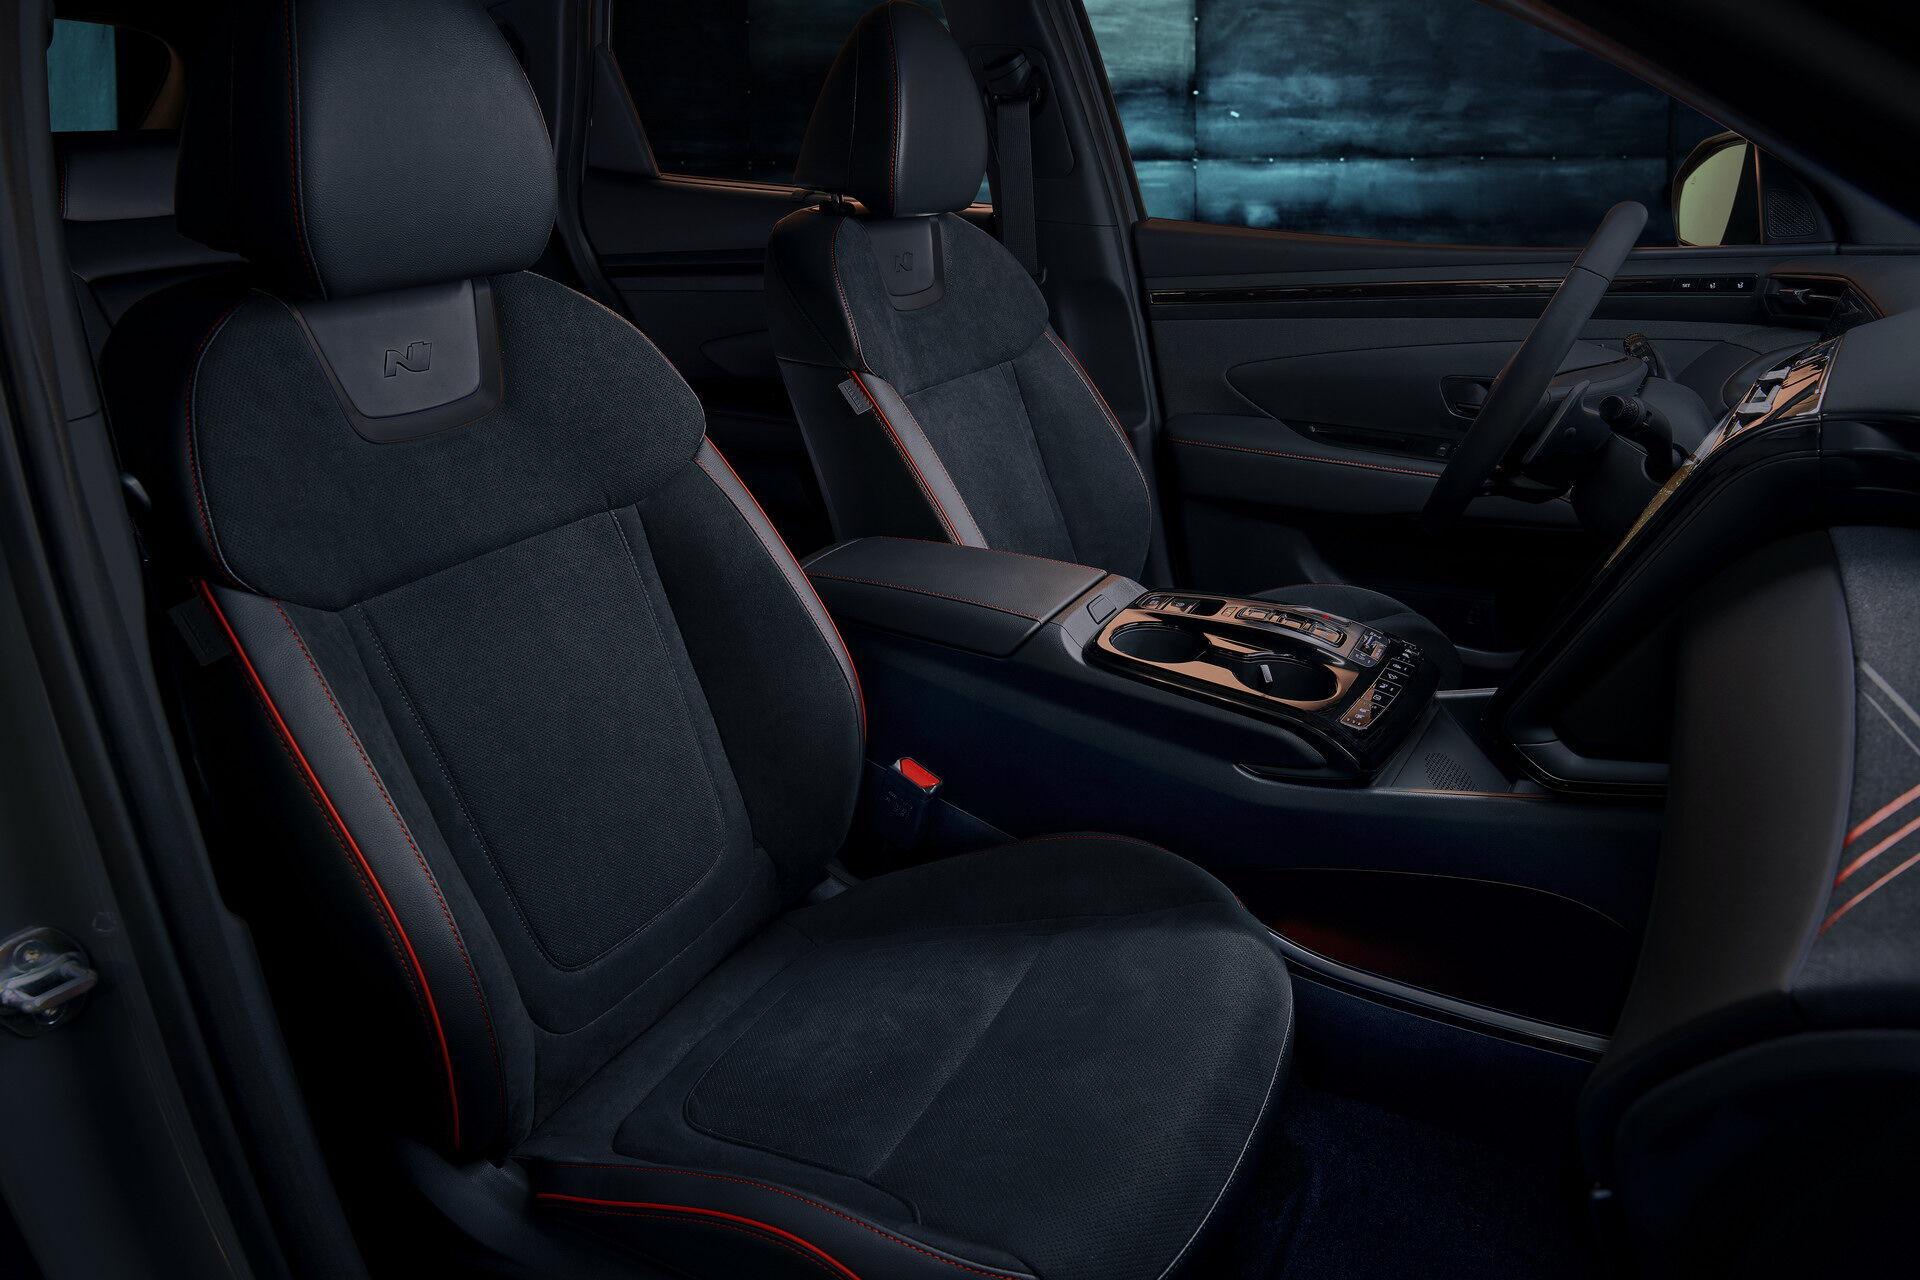 Спортивные сиденья имеют комбинированную отделку из кожи и замши с контрастной красной строчкой